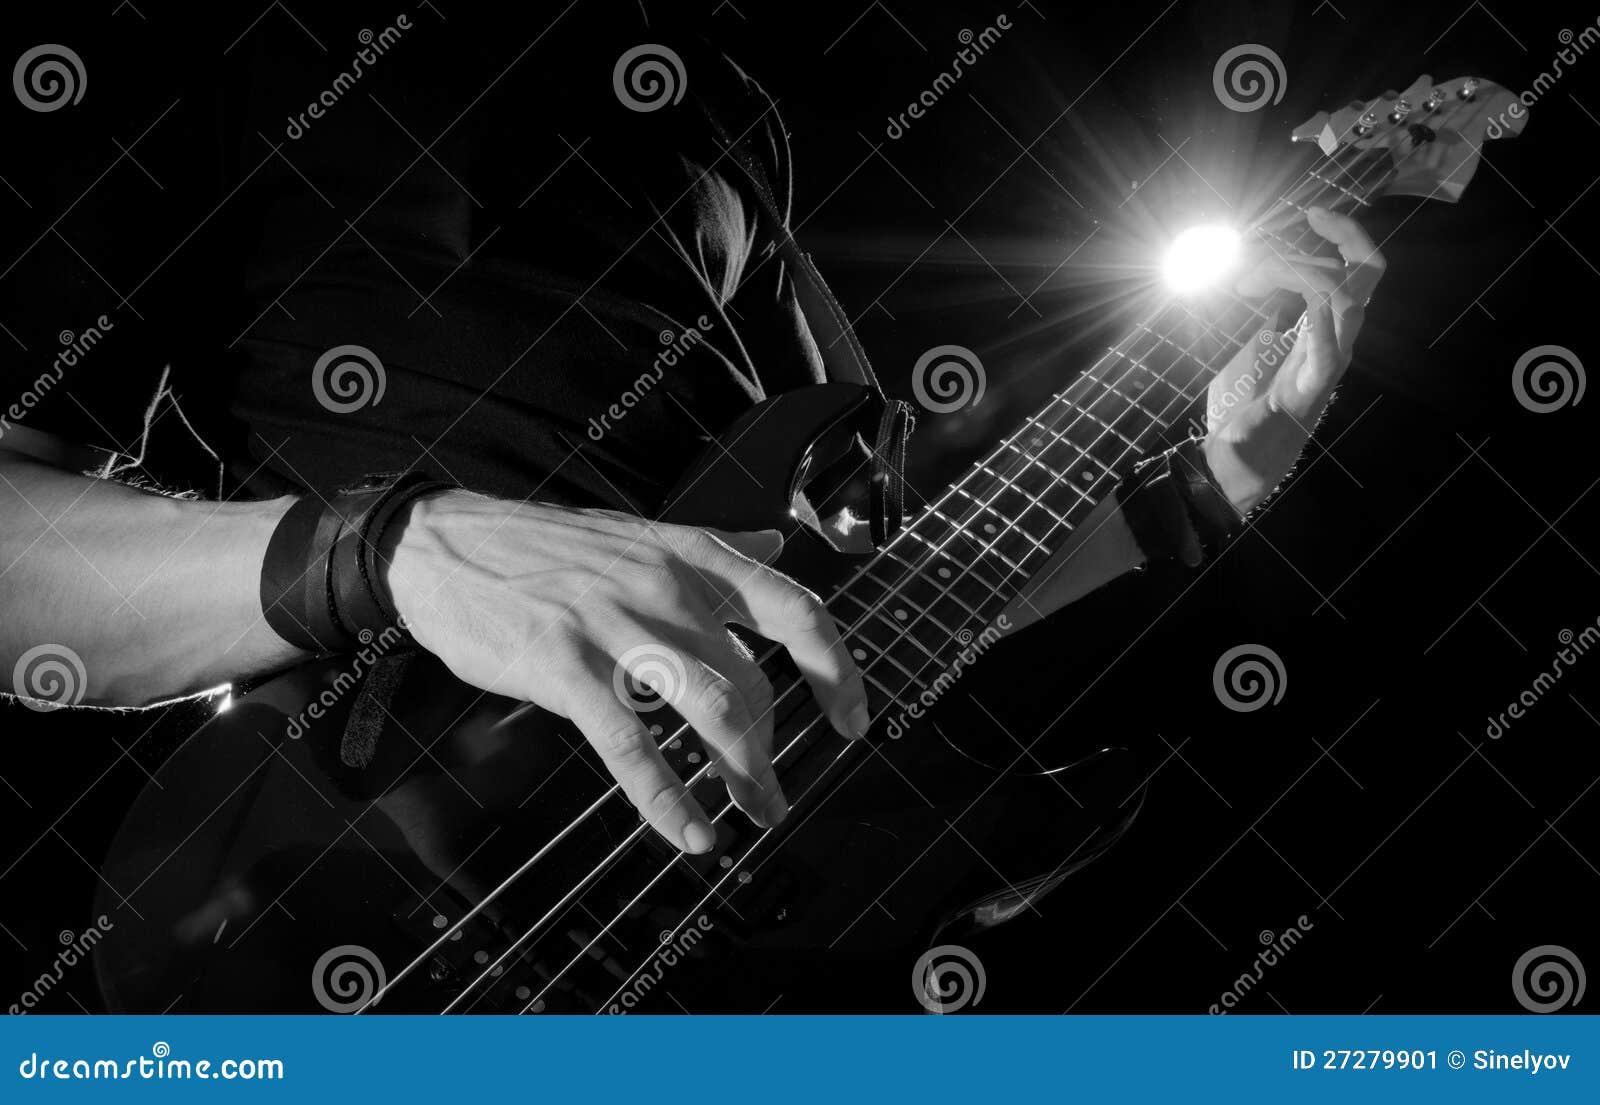 Gitarrspelare med elbasen